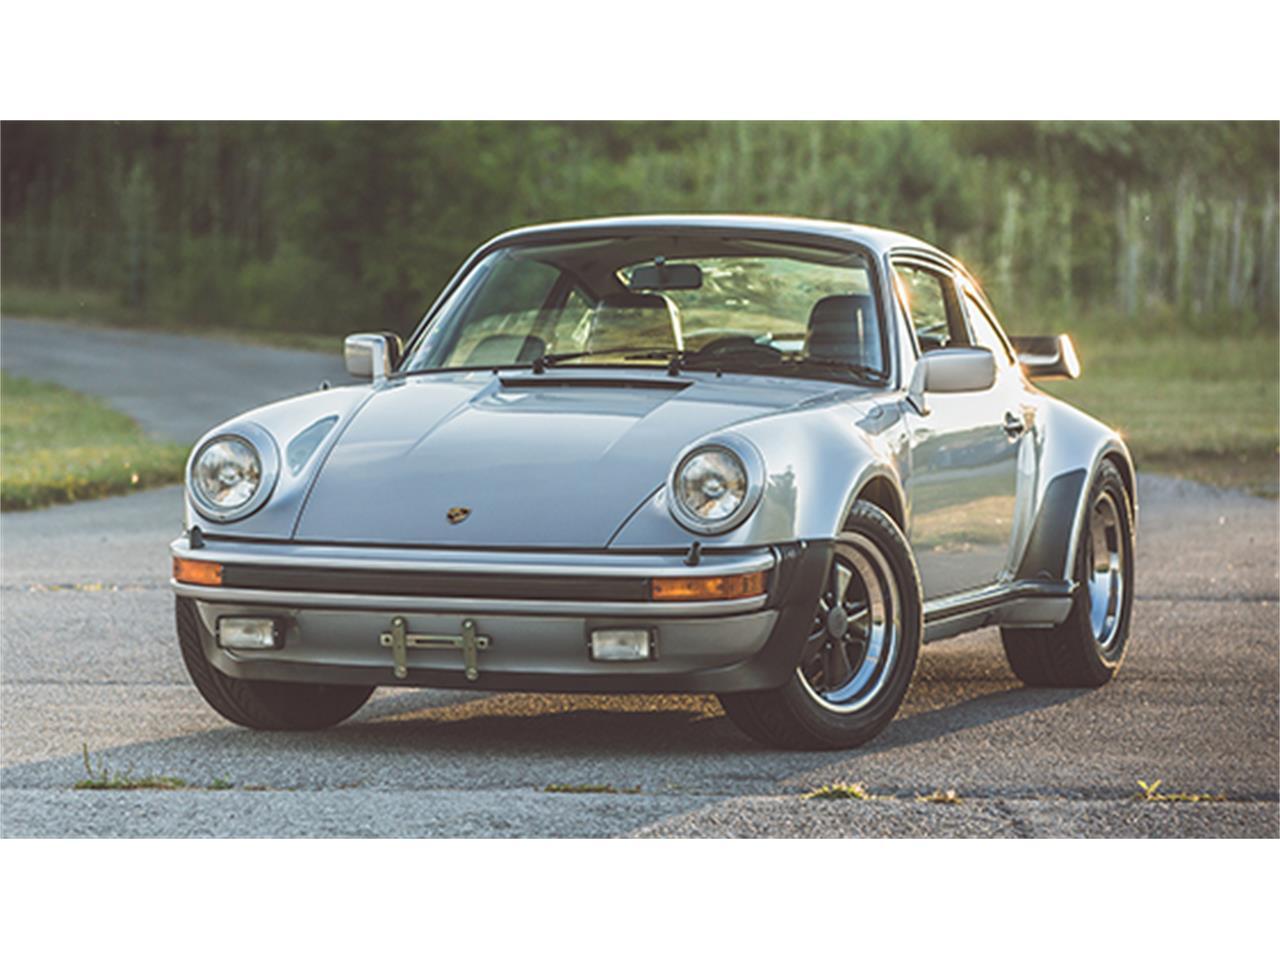 1979 porsche 911 for sale classiccars com cc 905697 1979 porsche 911 for sale classiccars